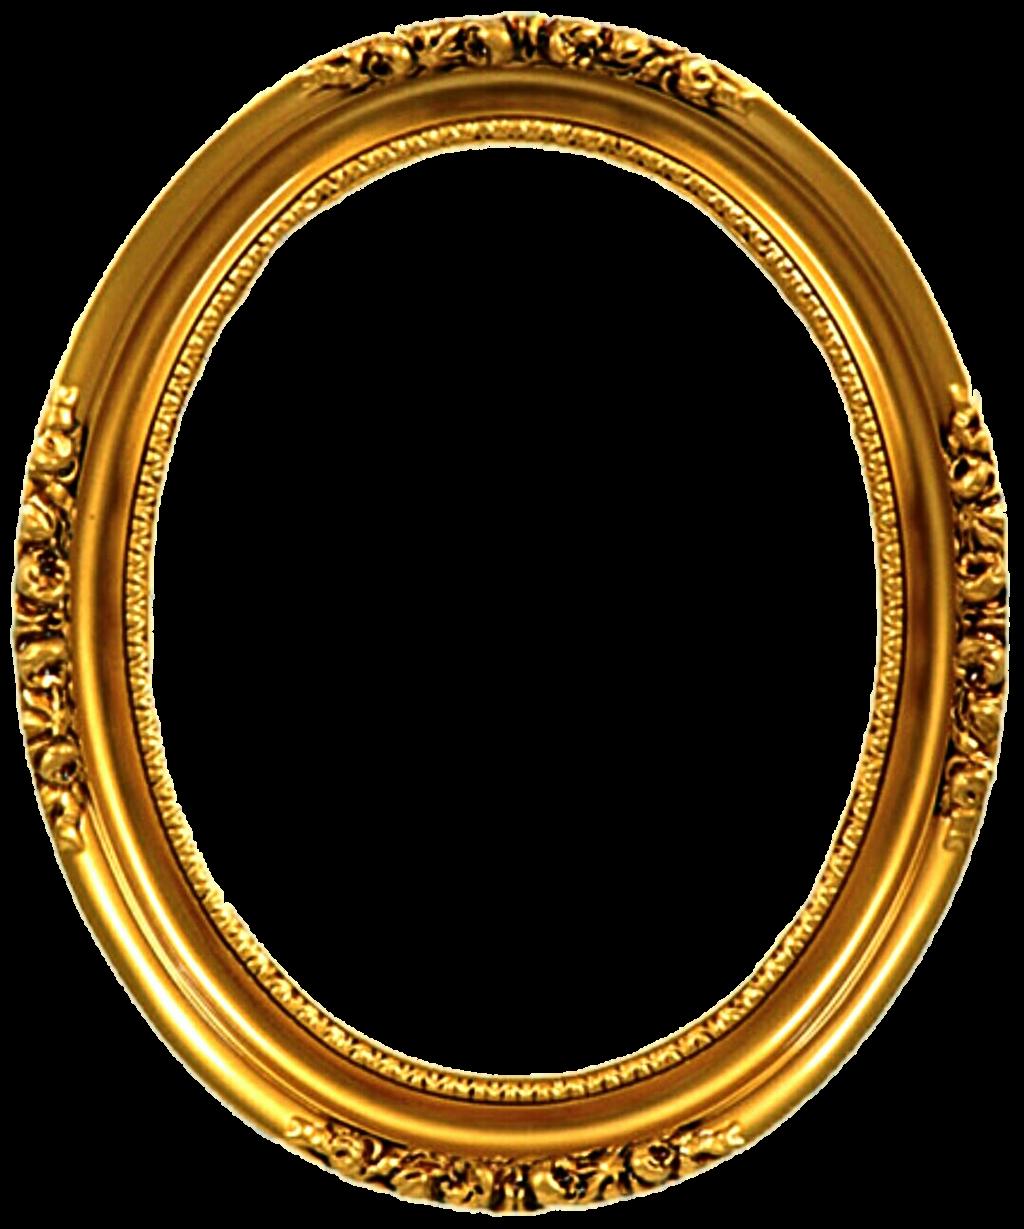 Black Oval Frame Png. Silver Estate Antique Frame By ...